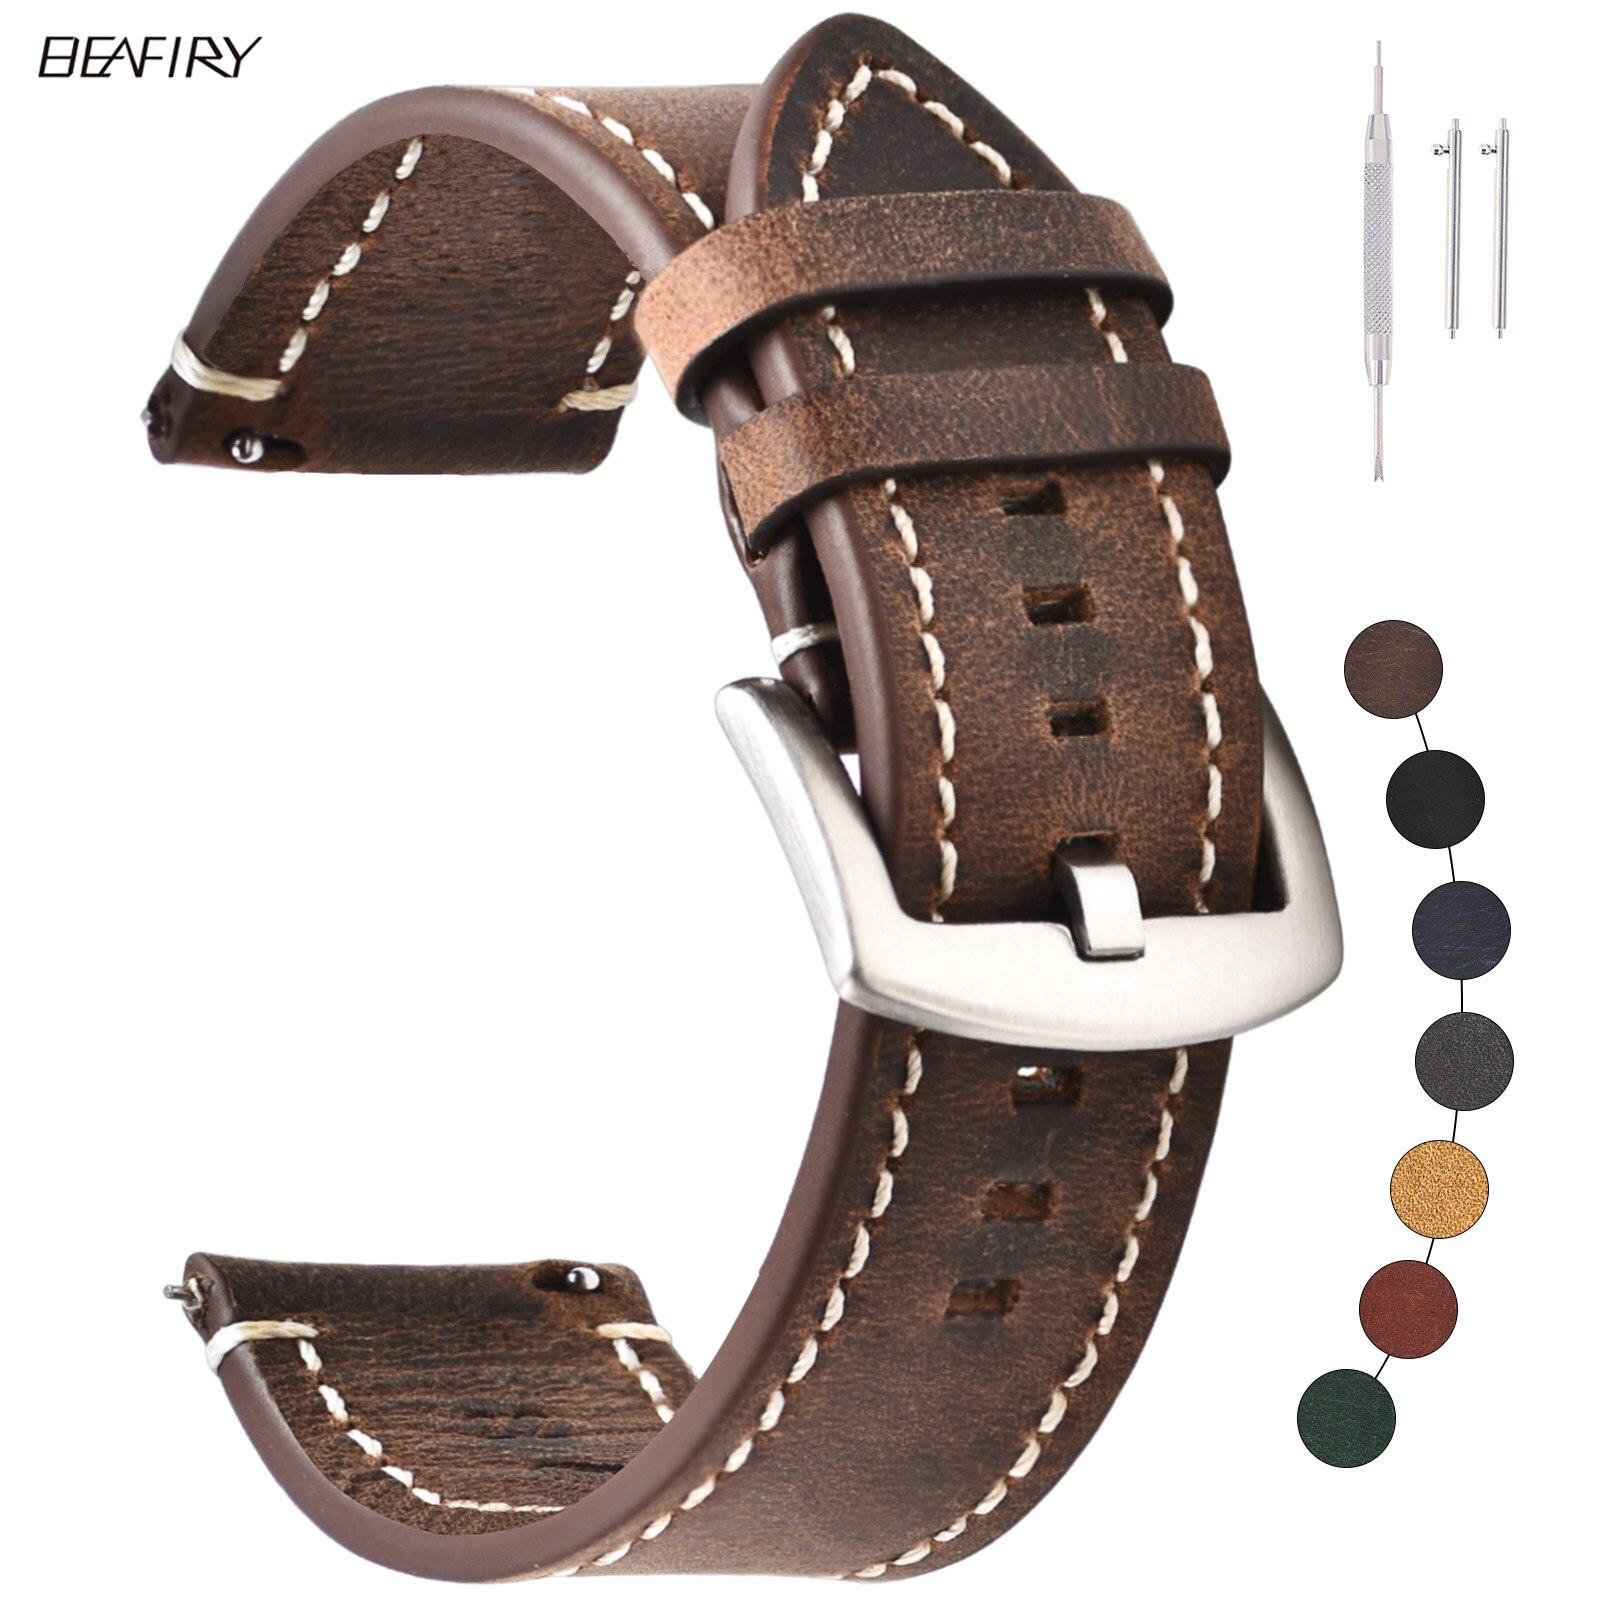 BEAFIRY-Correa de reloj Vintage para huawei, correa de cuero Crazy Horse de...